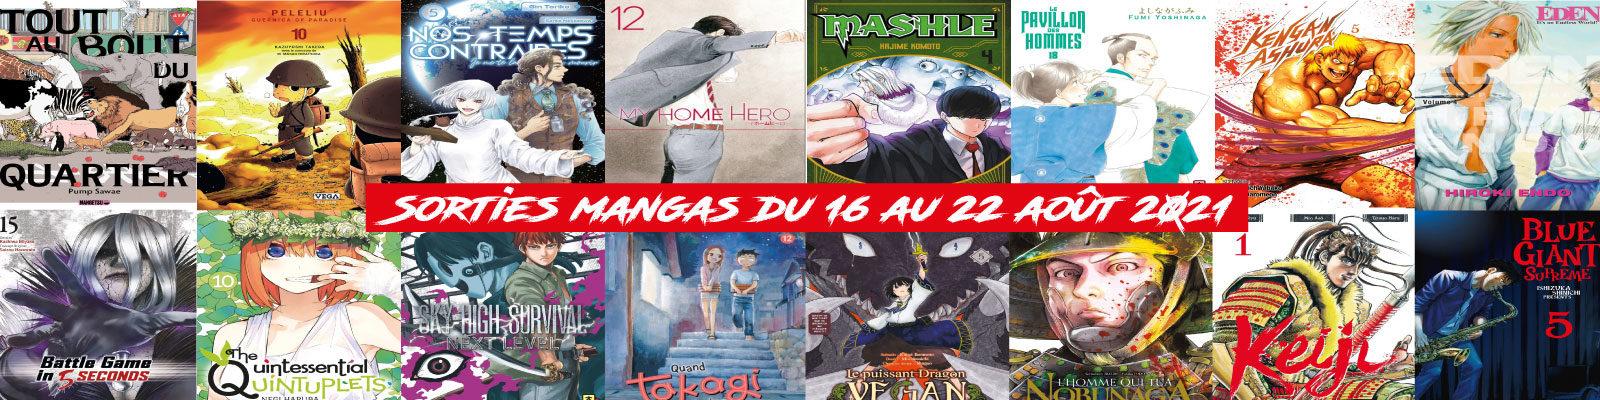 sorties mangas-16222